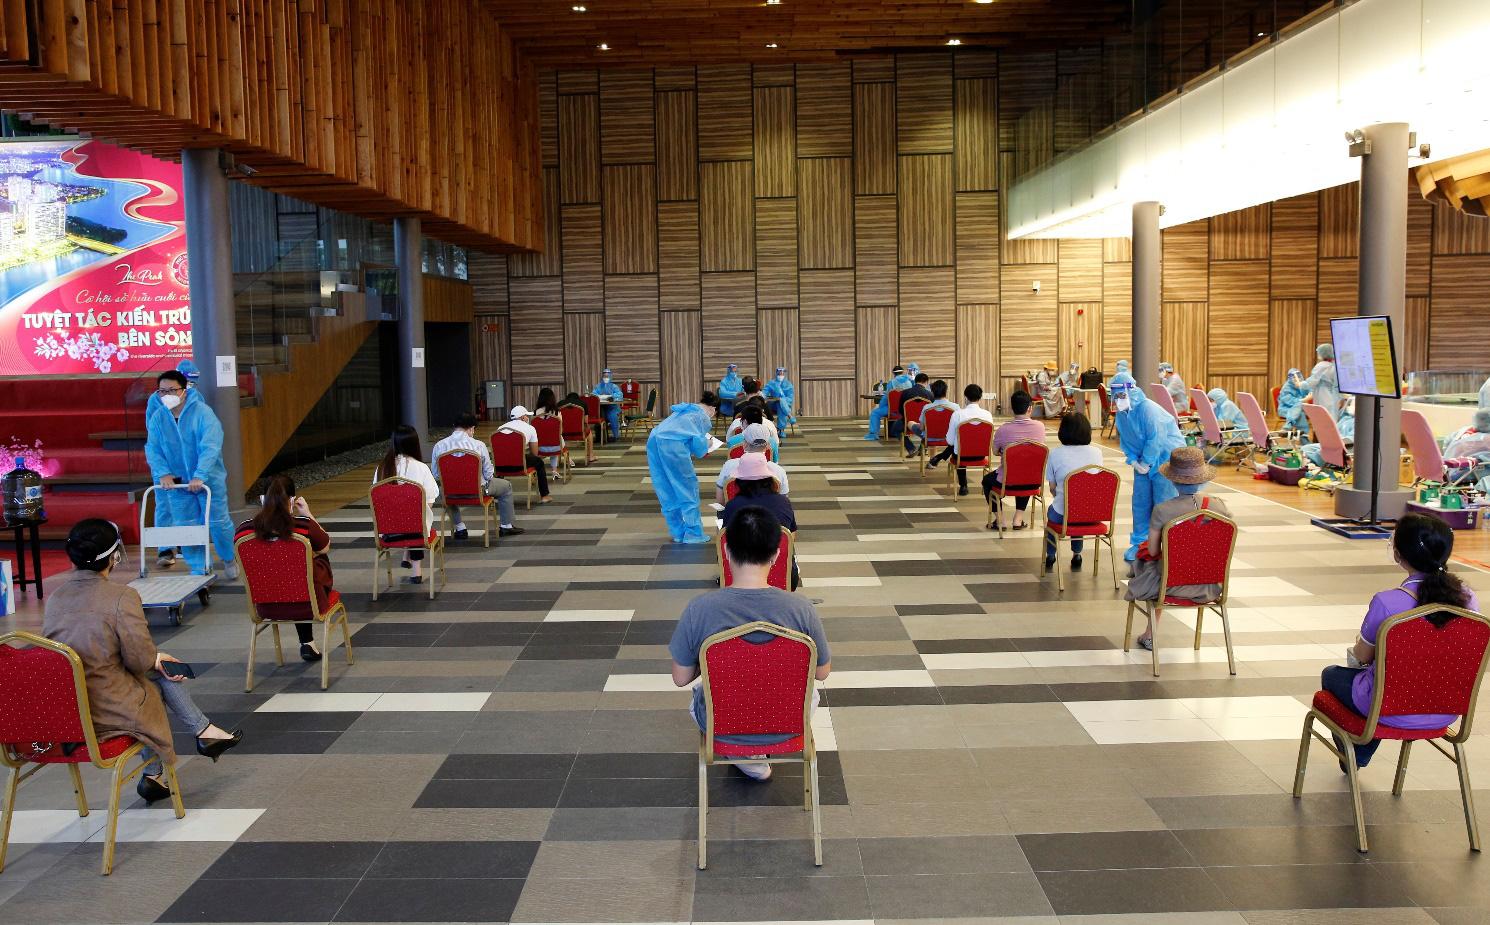 Trong 2 ngày diễn ra chương trình, có khoảng 600 người đăng ký tham gia hiến máu.